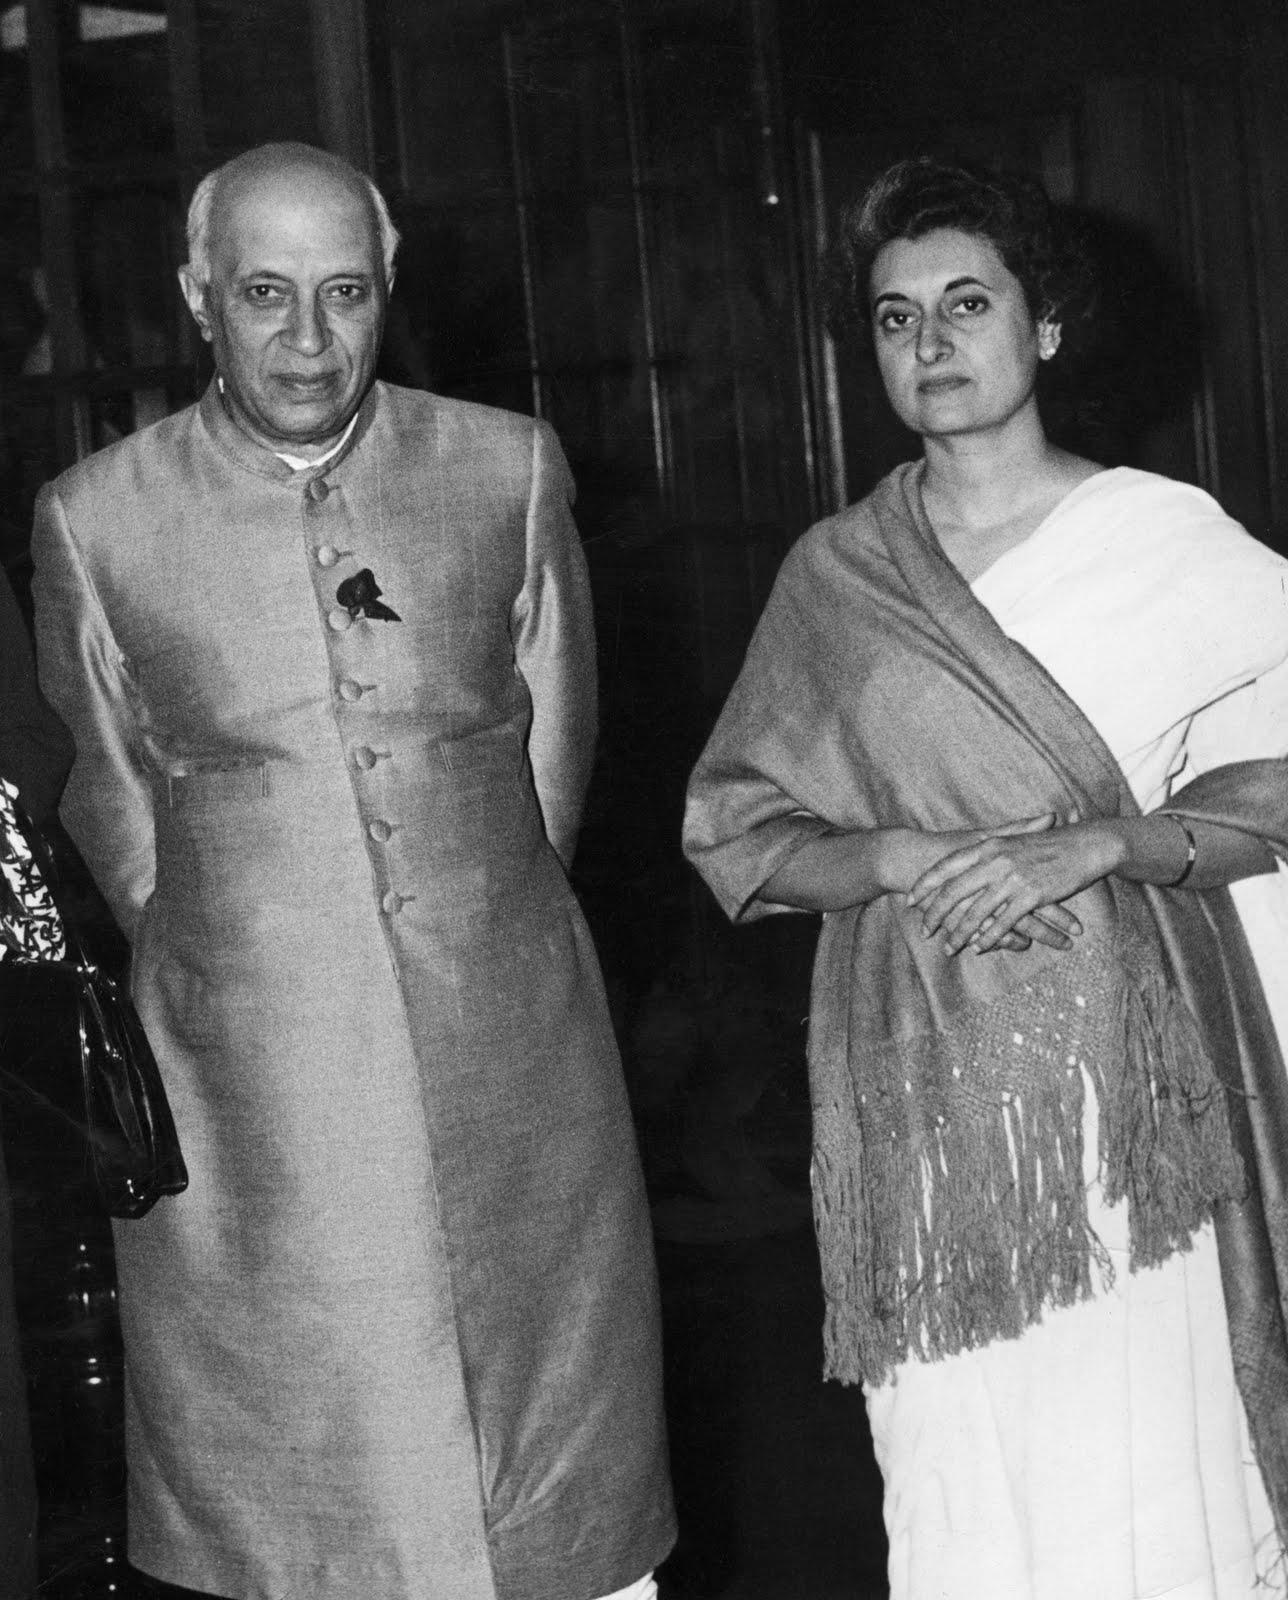 FILES-INDIA-POLITICS-GANDHI-NEHRU